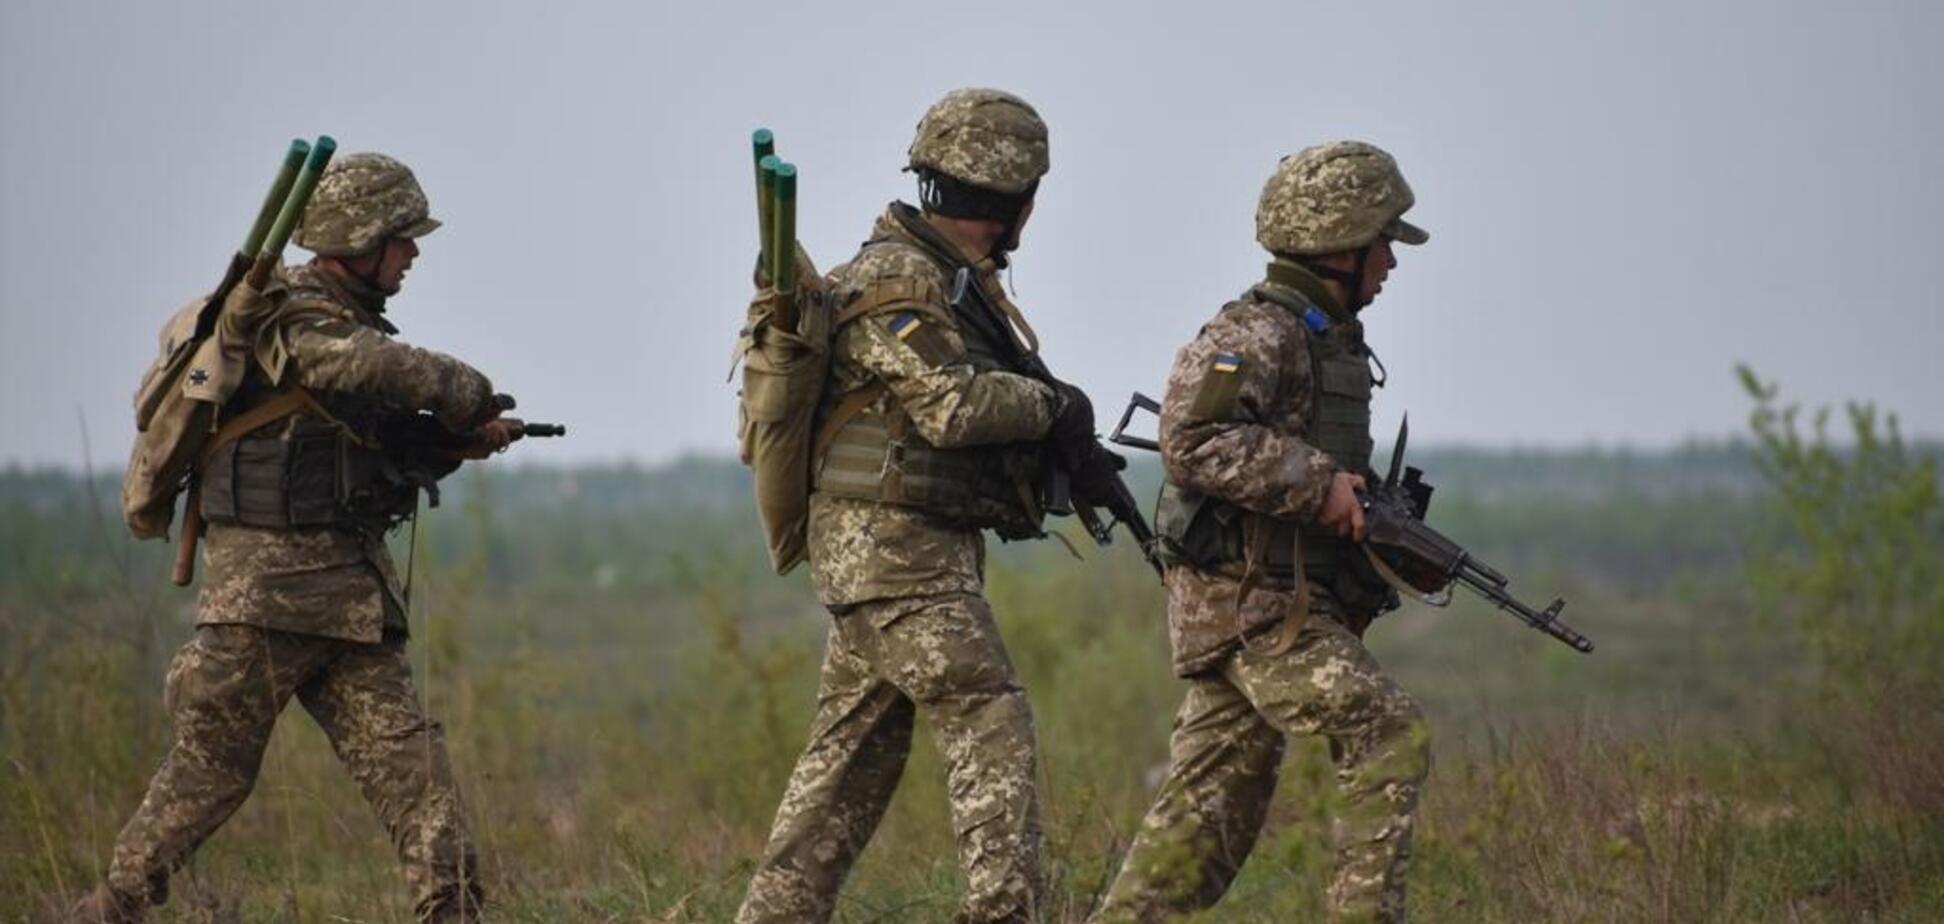 Порошенко разрешил? ВСУ серьезно ударили по 'Л/ДНР' на Донбассе